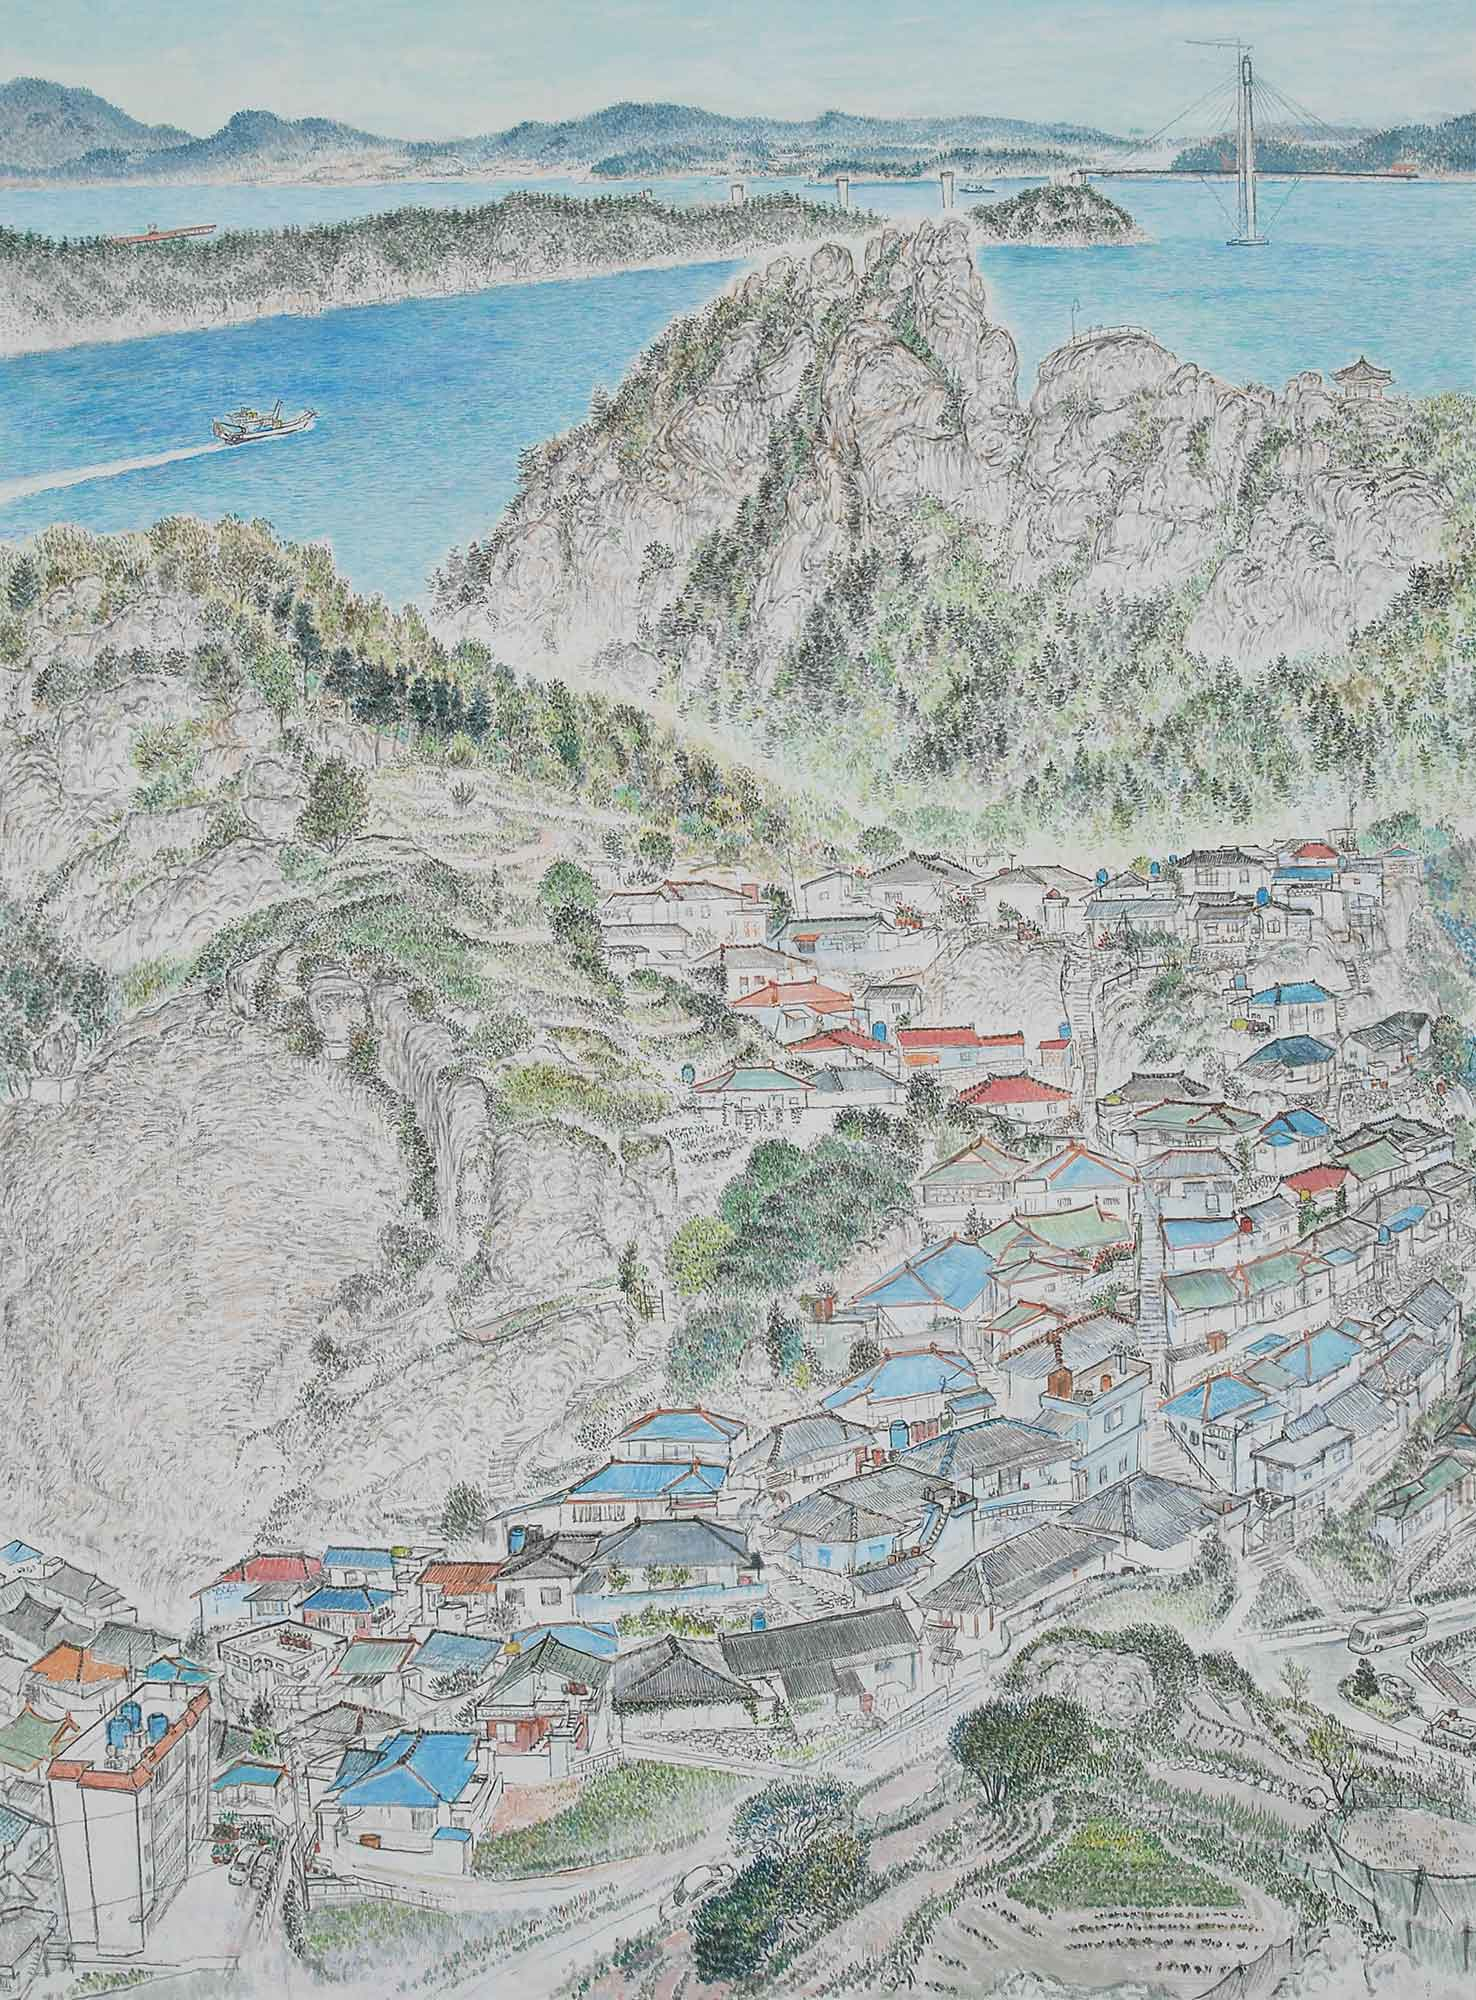 파인아트컬렉션 20, 달마고도, 박성우, 헥사곤 출판